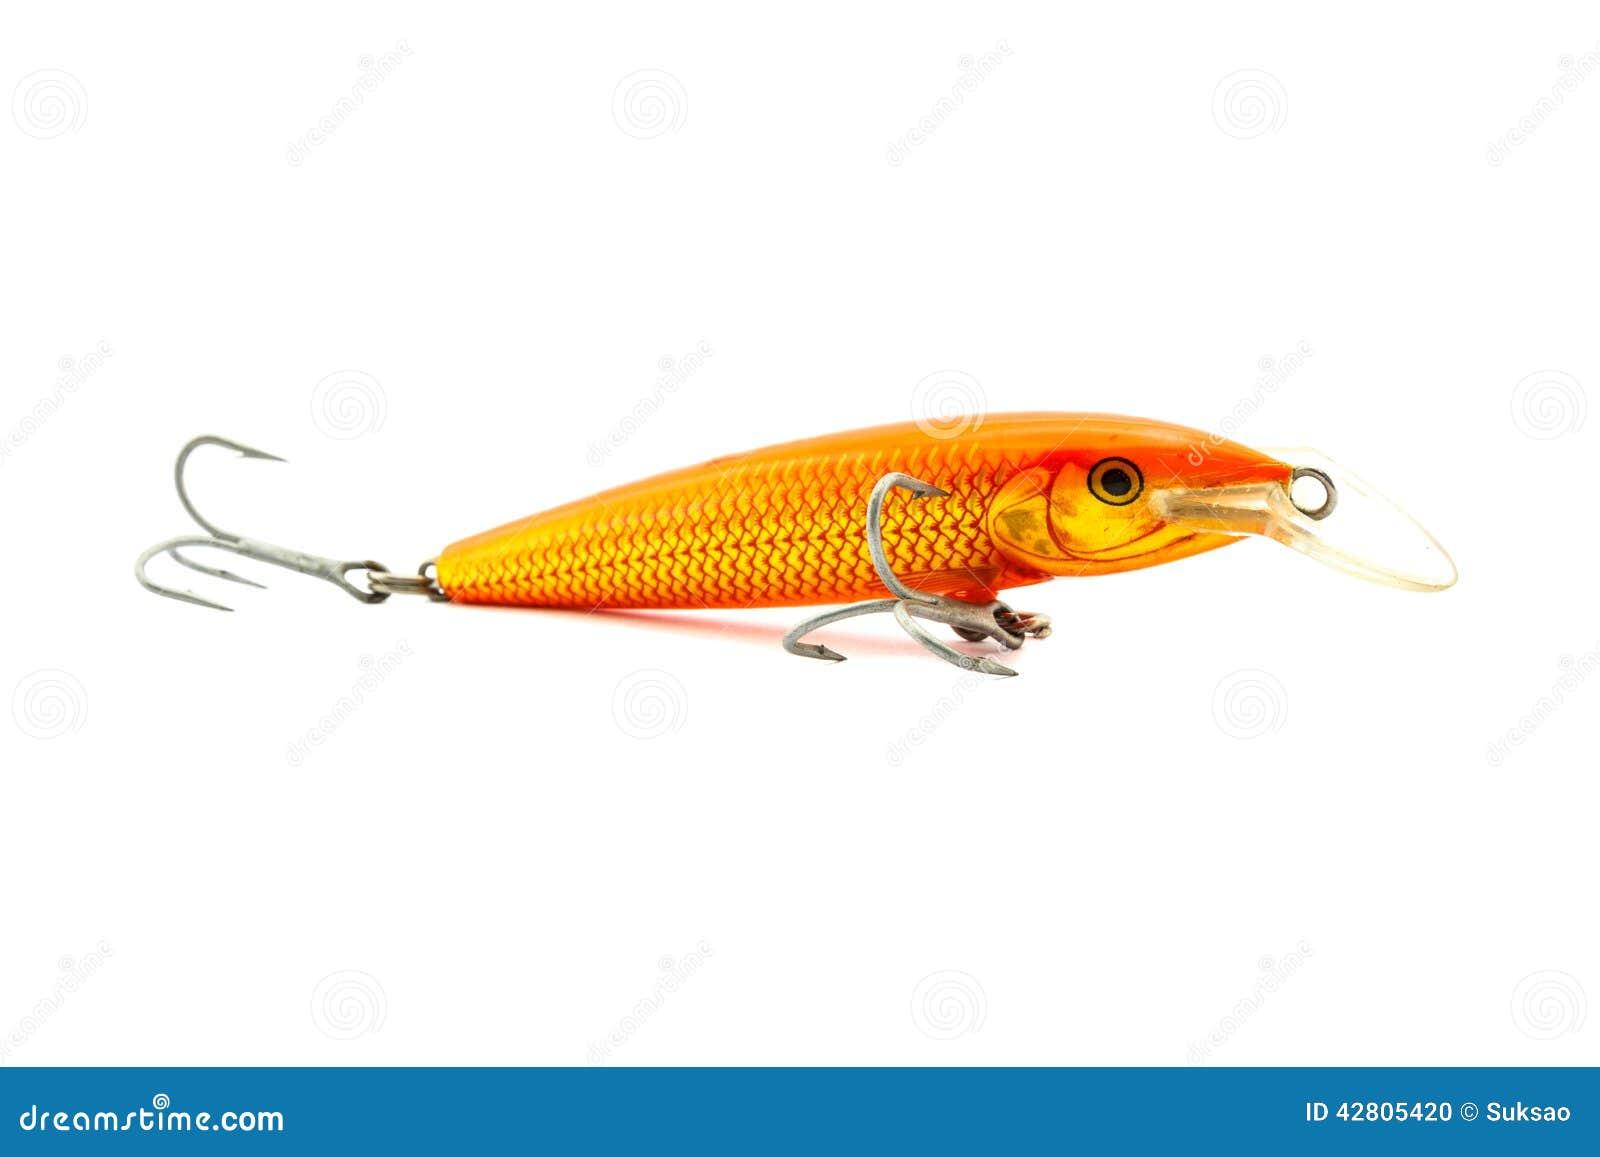 Fish Bait Stock Photo Image 42805420